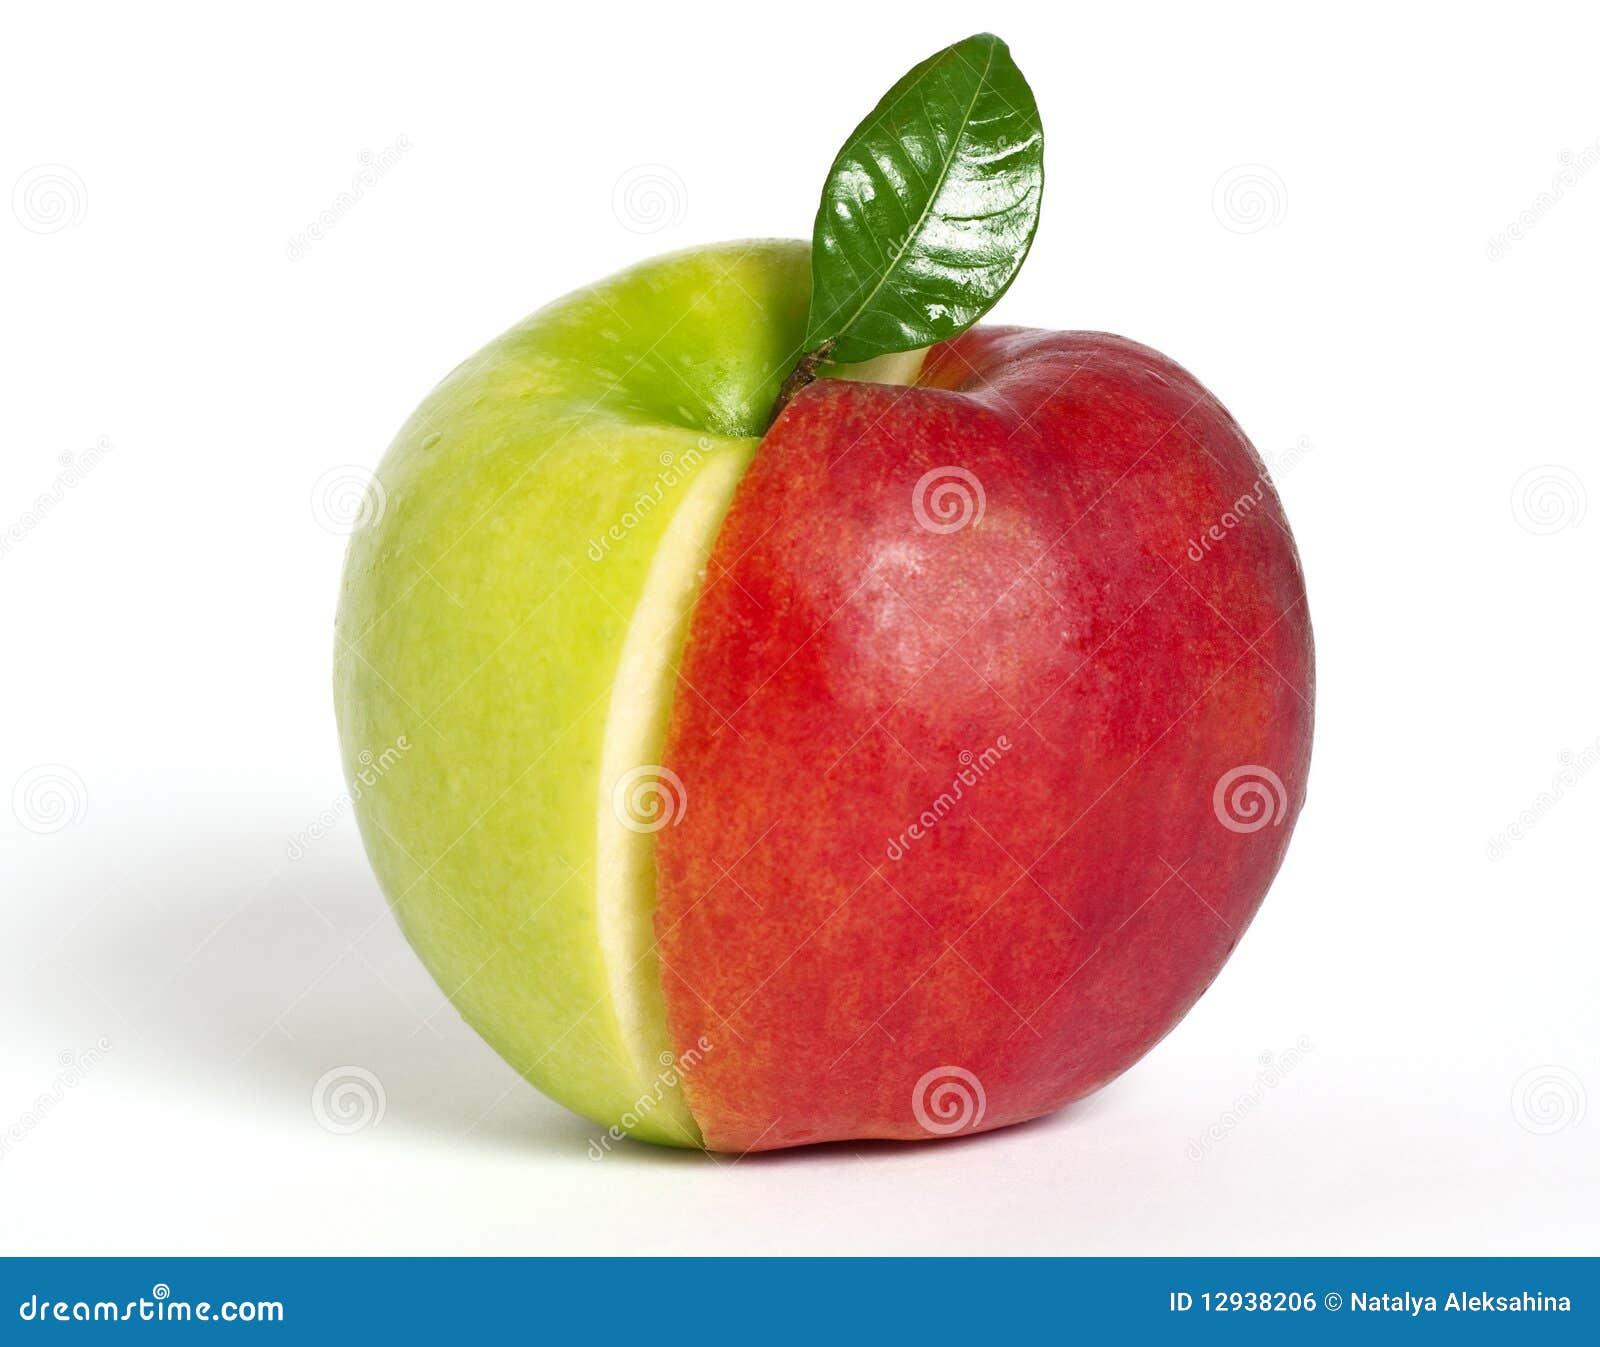 яблоко - зеленый красный цвет